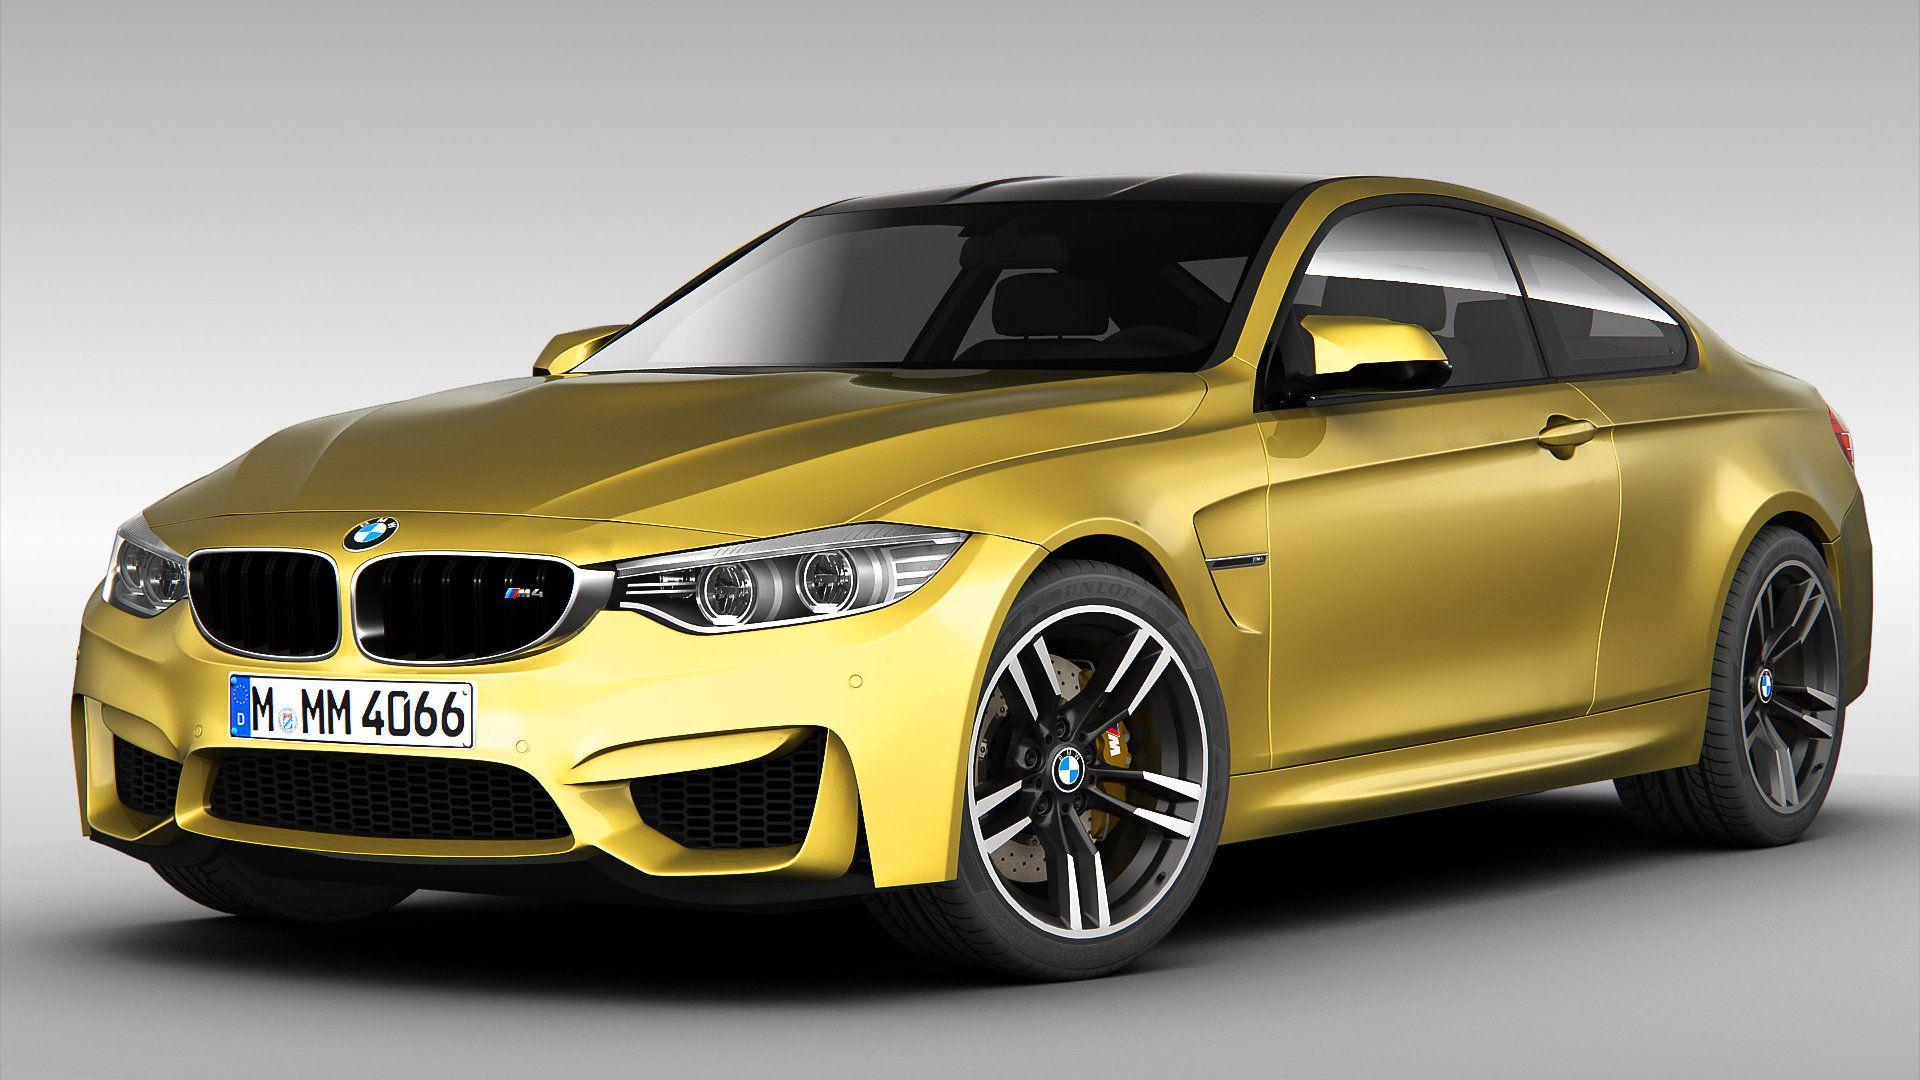 2015 BMW M4 Coupe HD Wallpaper 1080p Wallpaper | BMW ...